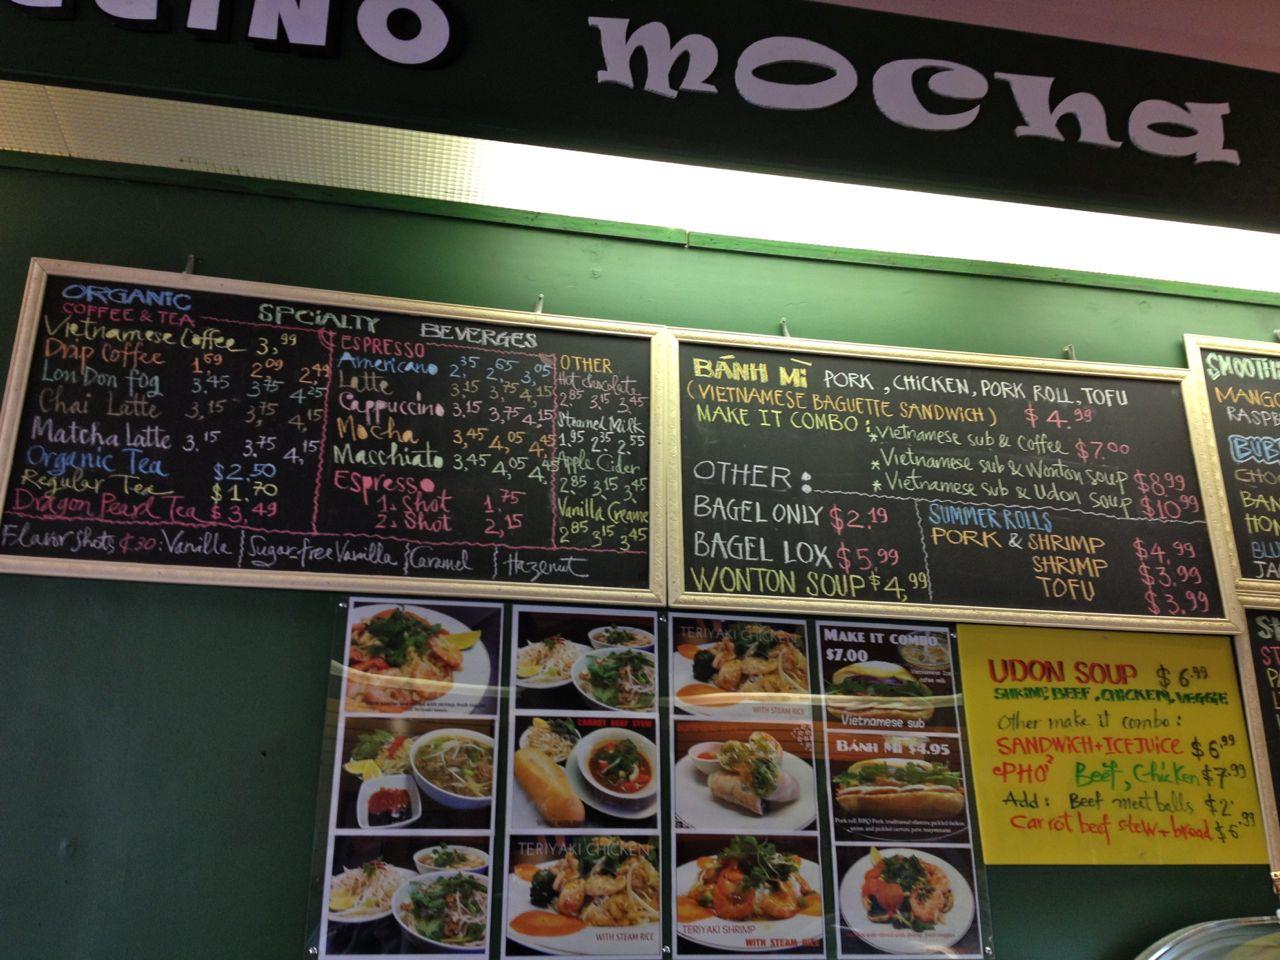 ビクトリアのダウンタウンにあるベトナミーズコーヒーショップ、Malea